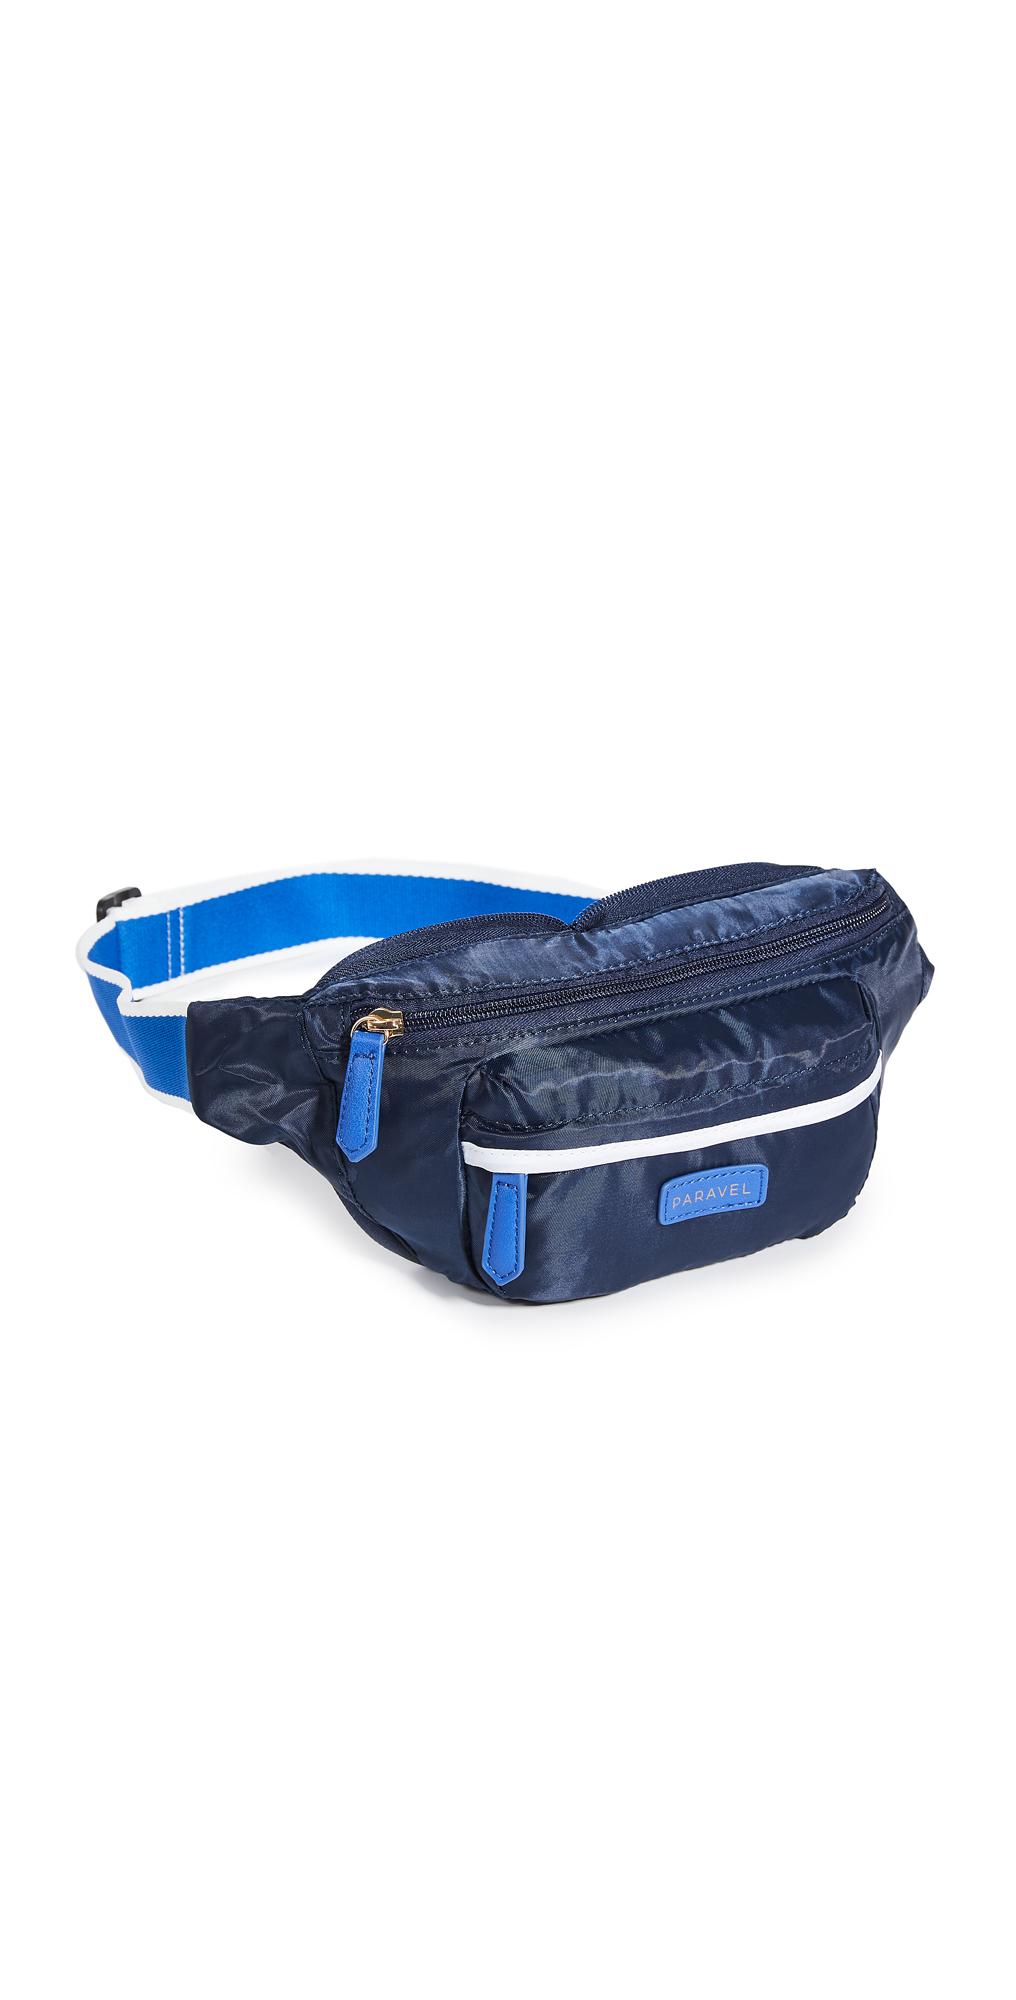 Paravel Fold-Up Belt Bag